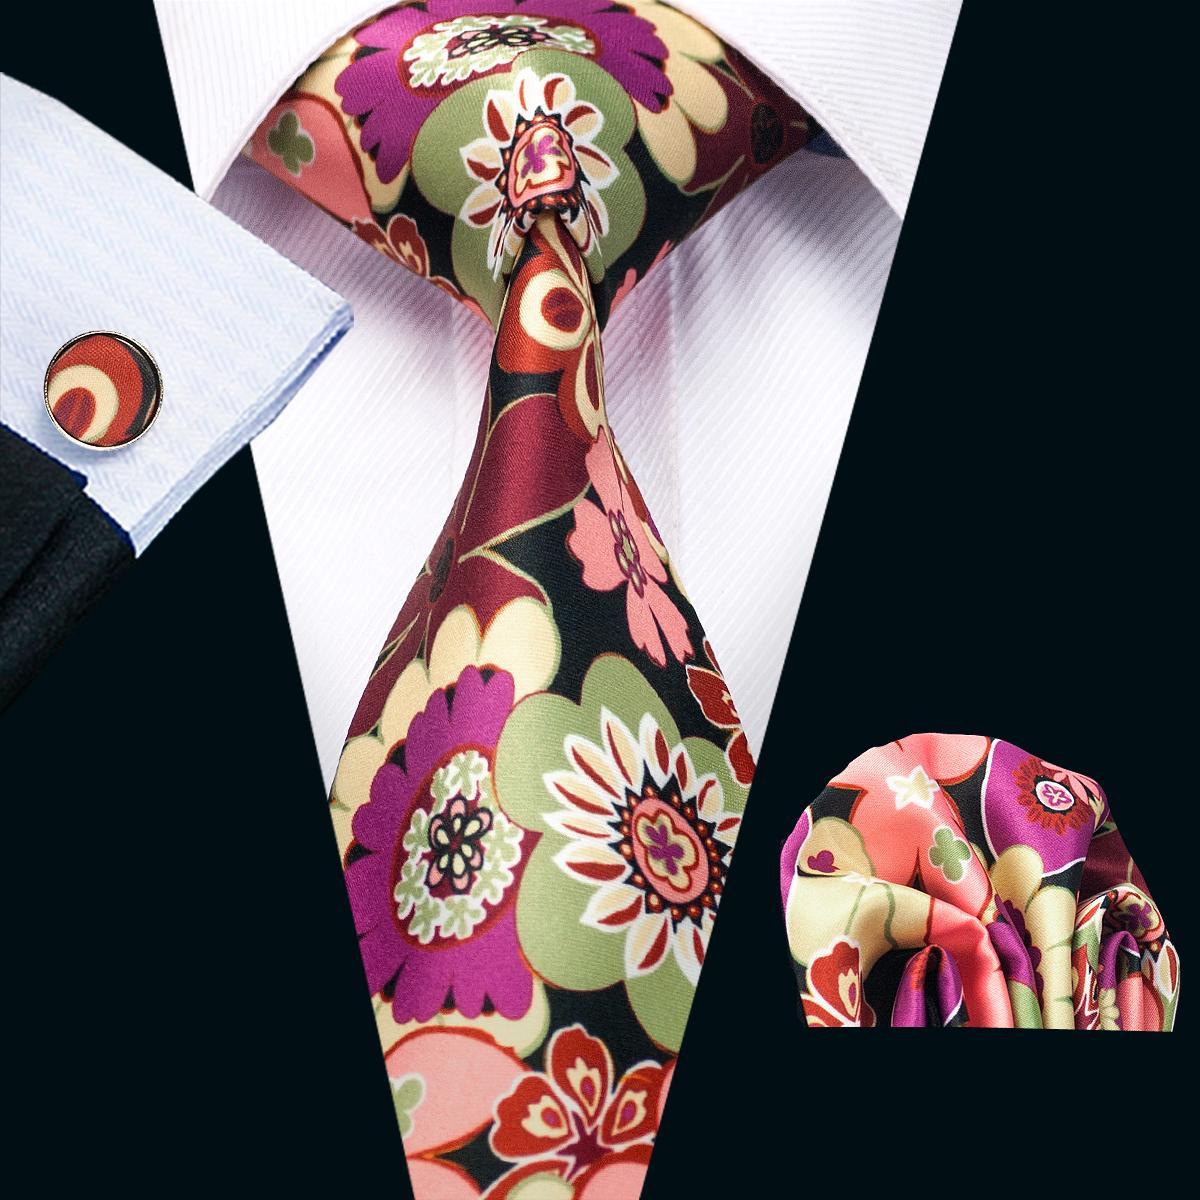 نمط جديد من الرجال مطبوعة العلاقات مزج اللون زهرة نمط الزفاف الأسود الأعمال الحرير التعادل مجموعة تشمل التعادل أزرار أكمام منديل N-1257